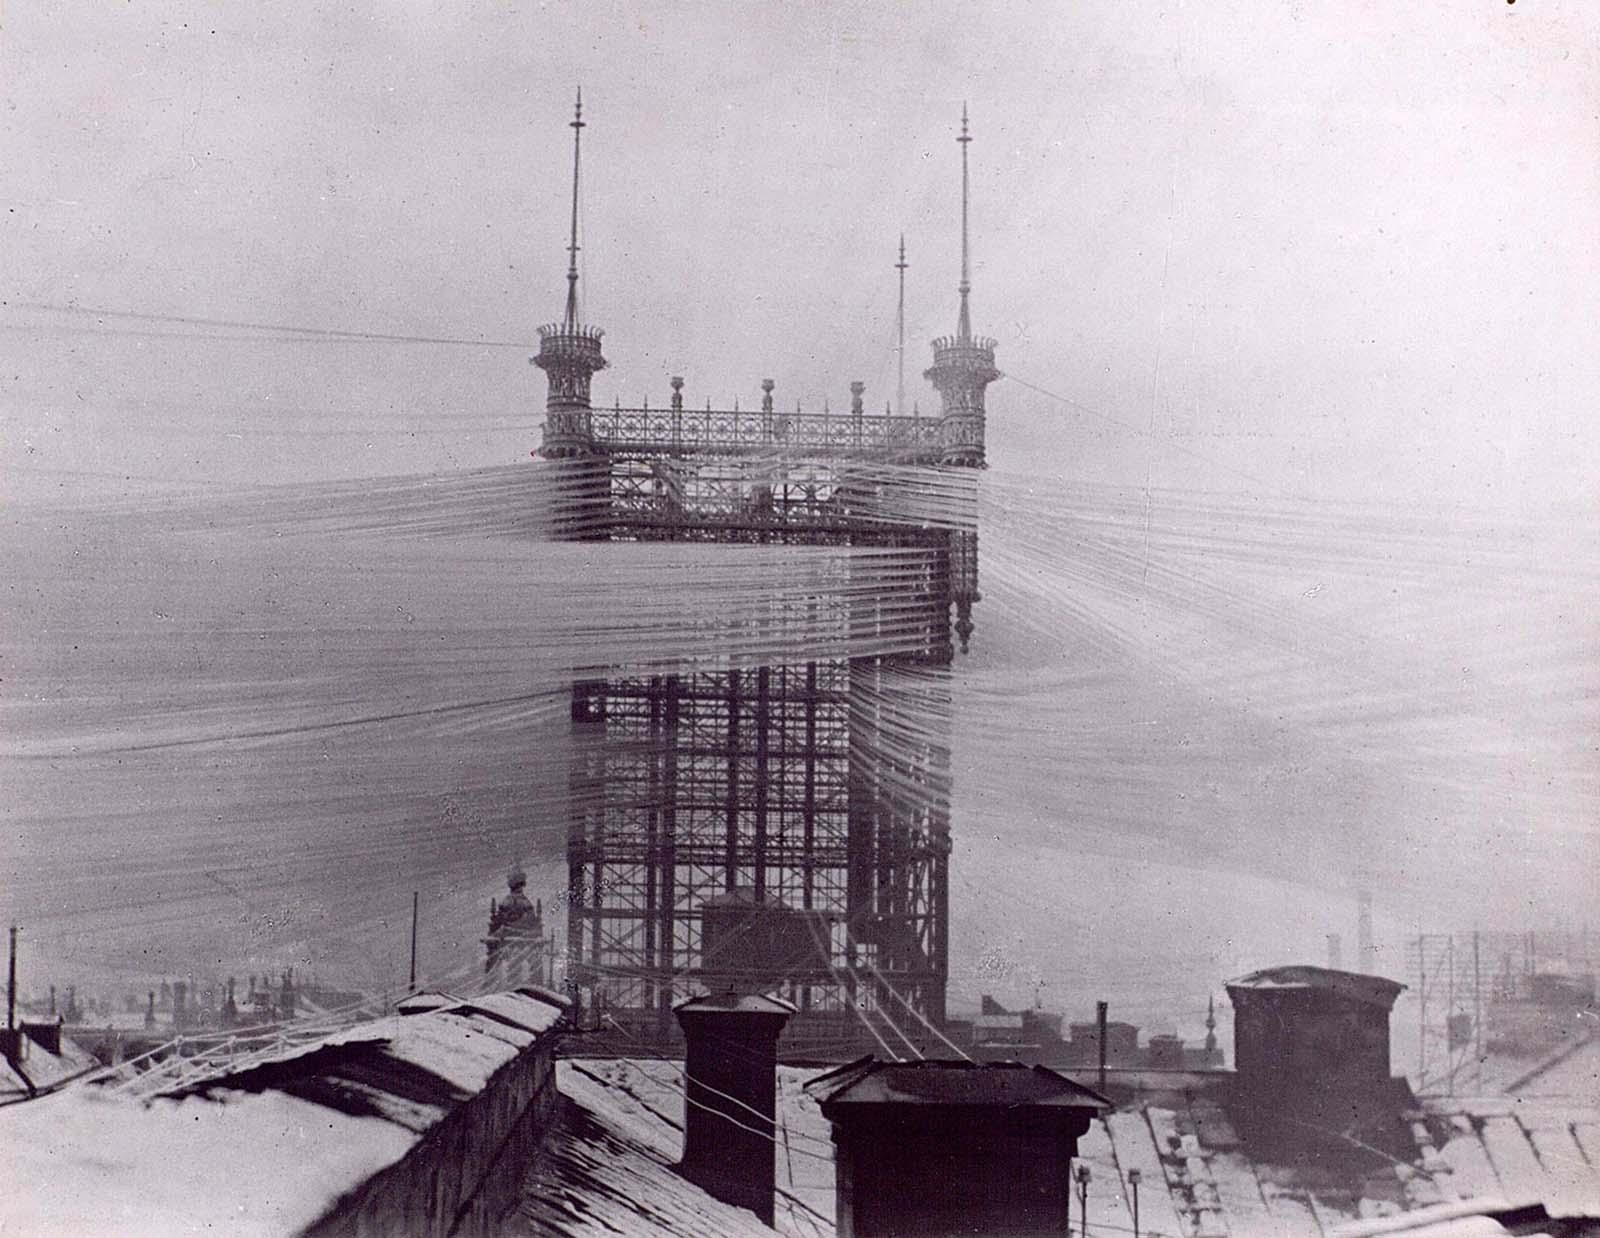 Поради техническите ограничения на времето в първите години след изобретяването на телефона, за всеки телефон е била нужна отделна физическа линия – кабел, който да свързва различните домове или офиси, а обажданията са предавани ръчно от оператор.